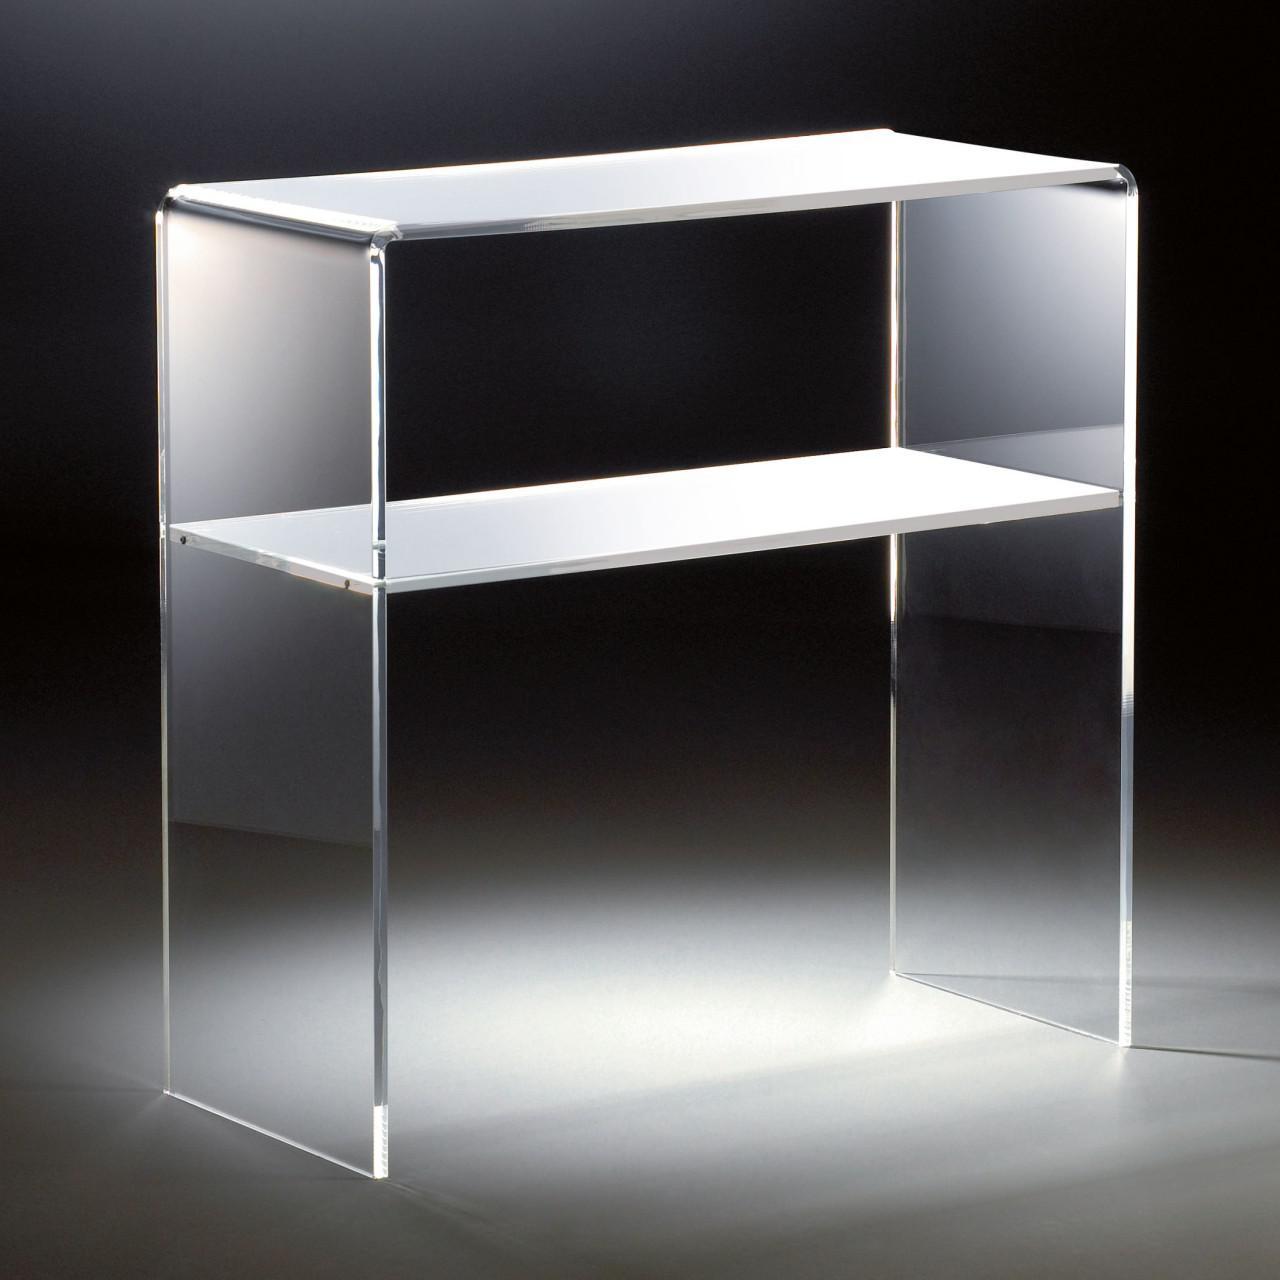 hochwertiges acryl glas standregal konsole mit 2 f chern 70 x 30 cm h 70 c kaufen bei. Black Bedroom Furniture Sets. Home Design Ideas